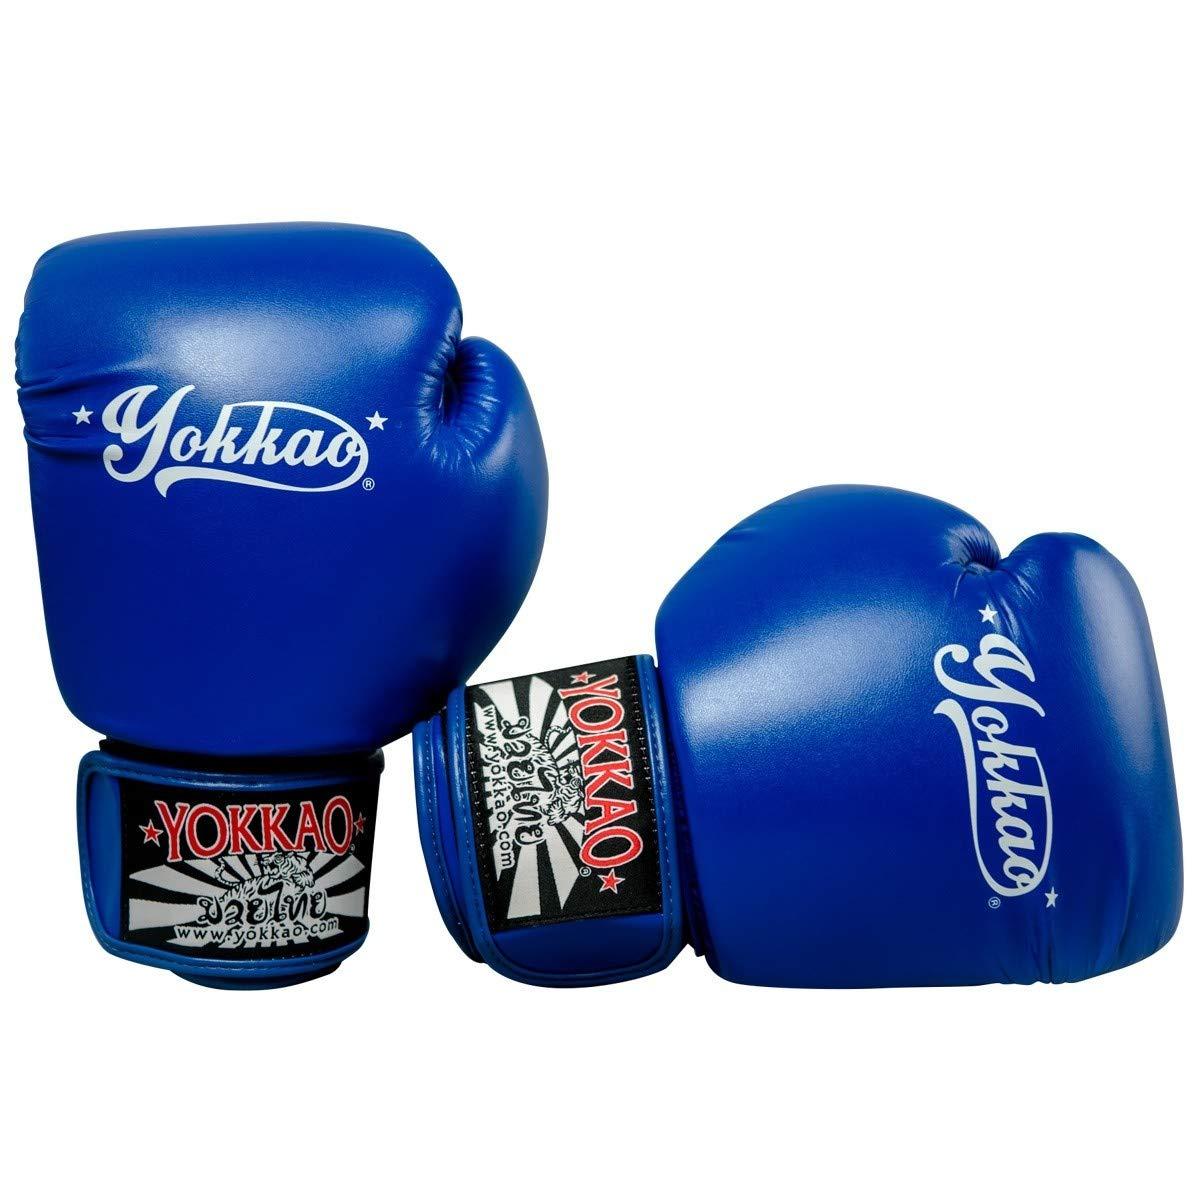 Yokkao ボクシンググローブ ムエタイ ボクシング 総合格闘技 キックボクシング トレーニング ボクシング 装備 武道 12オンス ブルー B07GBFL2VS